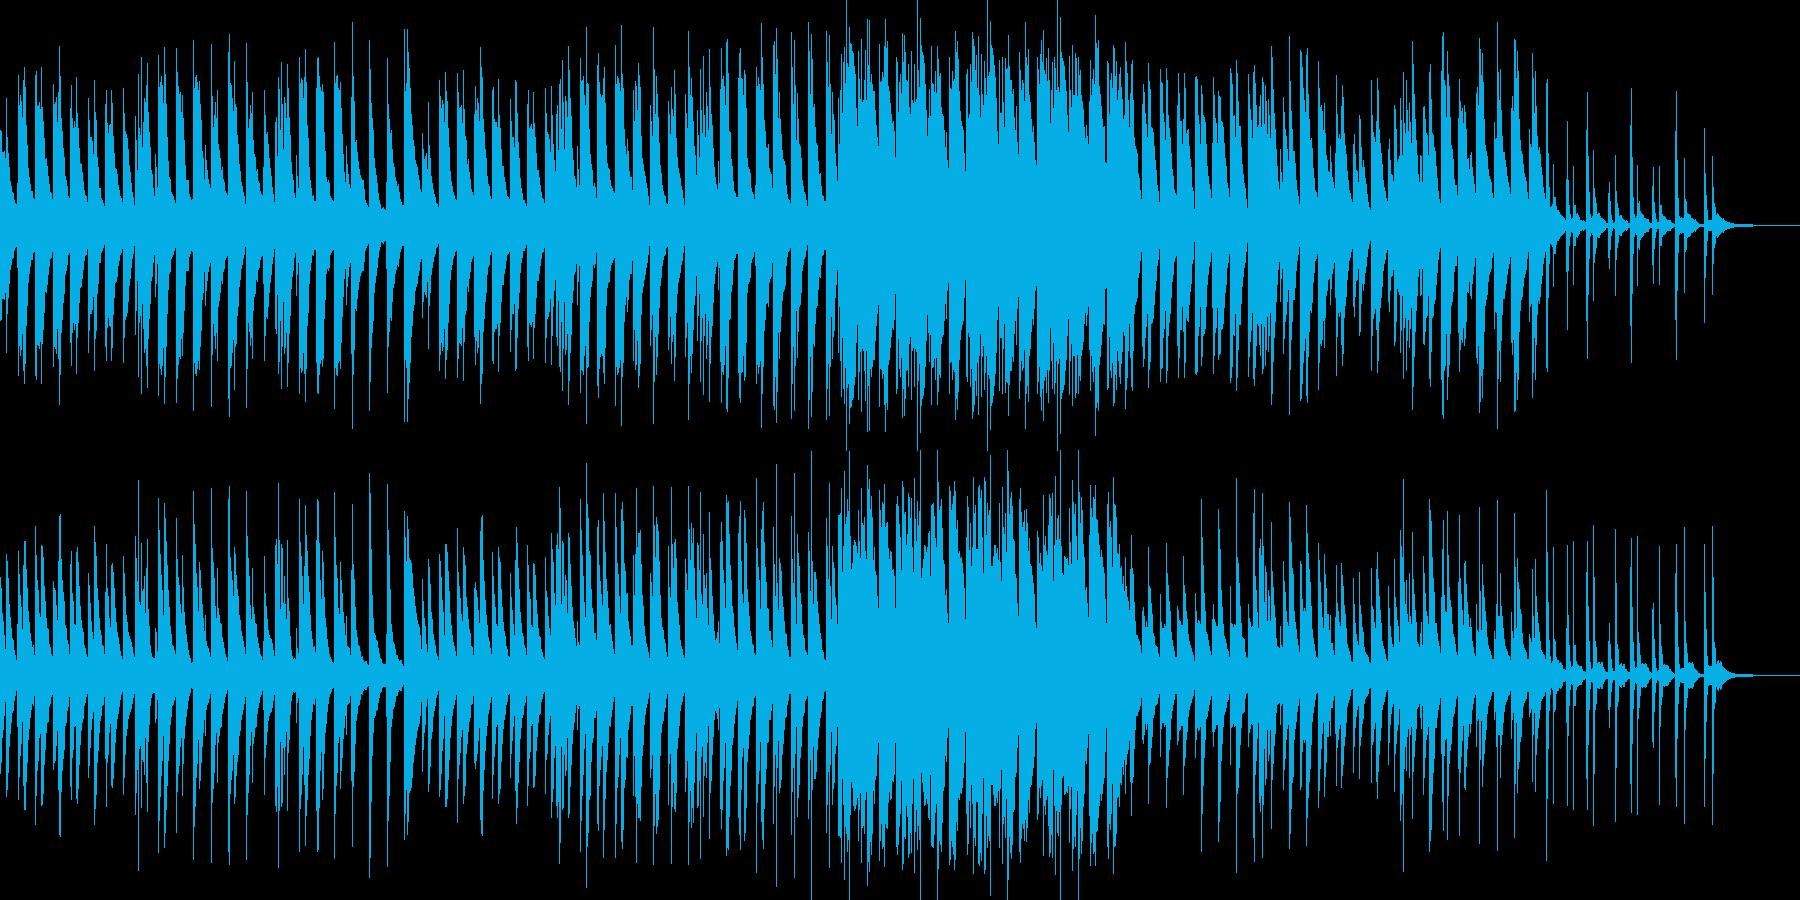 ピアノソロの怪しげな三拍子のワルツ曲の再生済みの波形